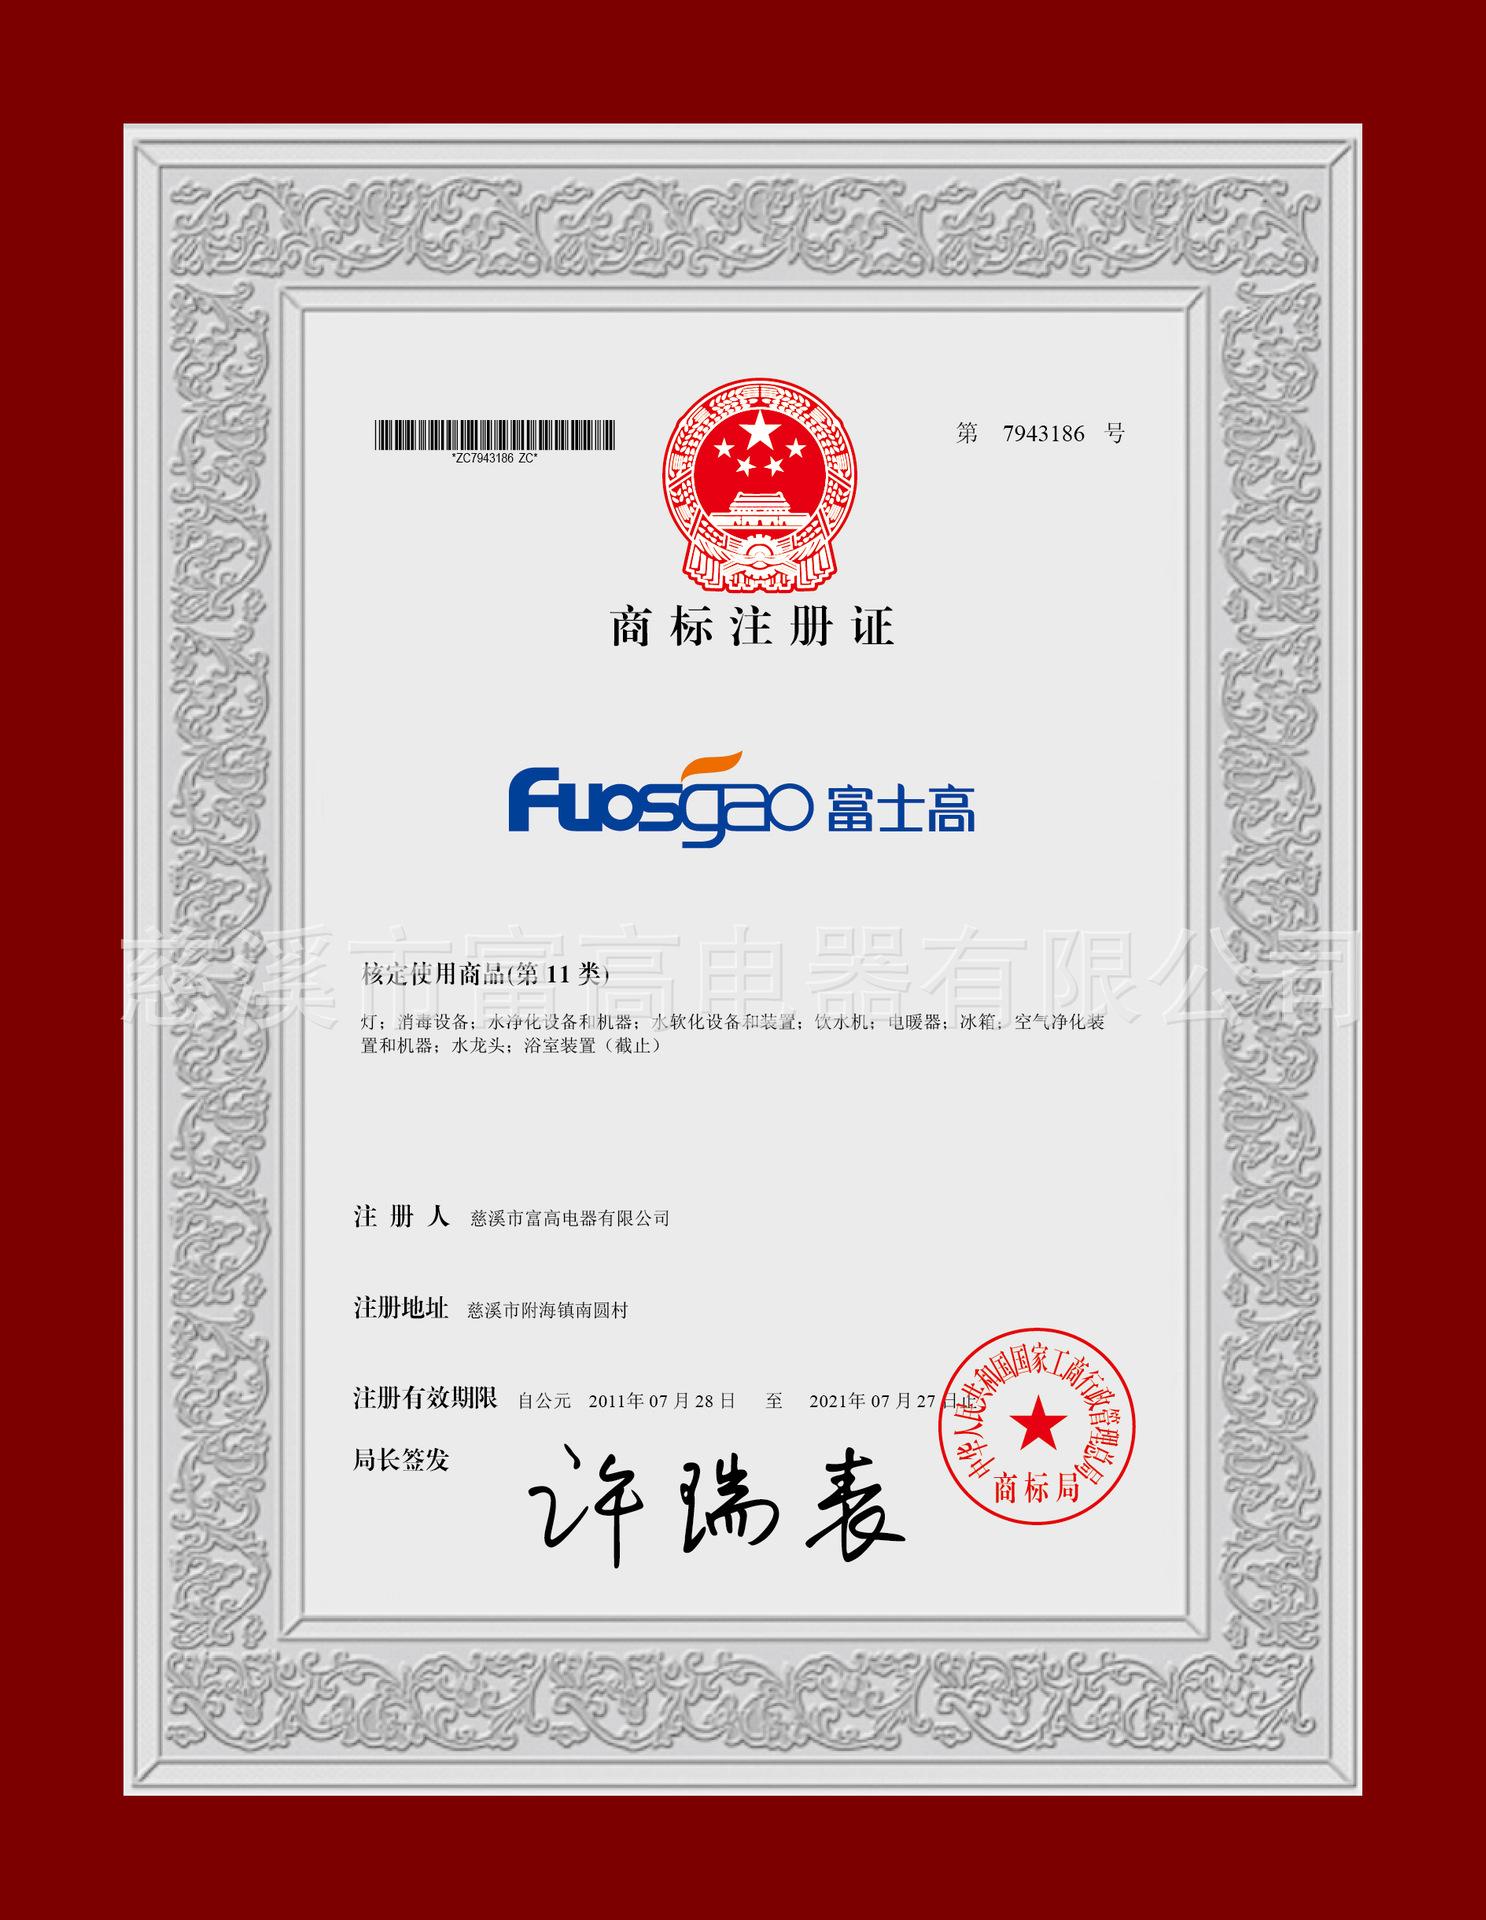 富士高商标注册证